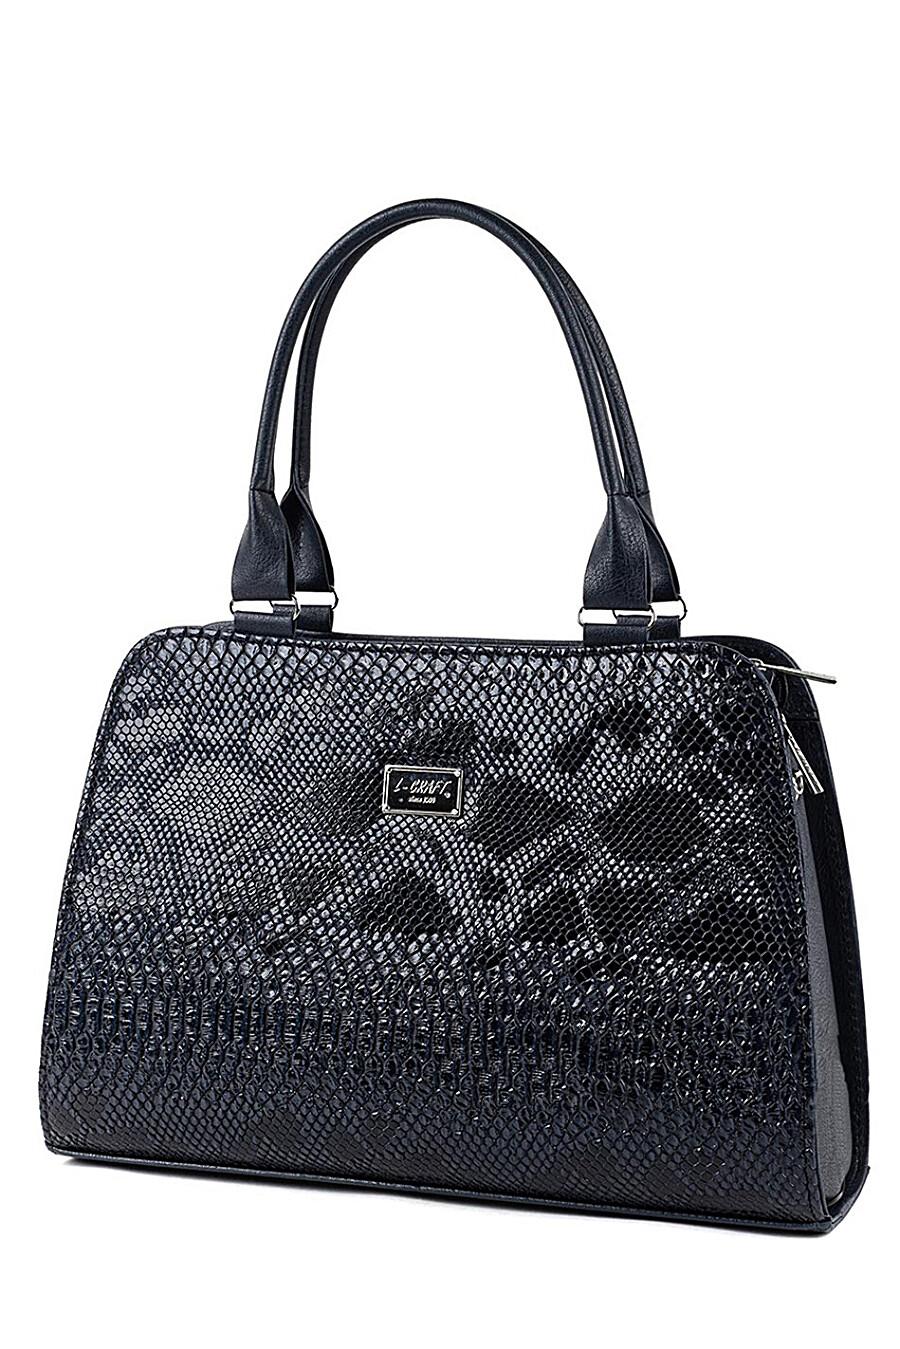 Сумка для женщин L-CRAFT 260358 купить оптом от производителя. Совместная покупка женской одежды в OptMoyo